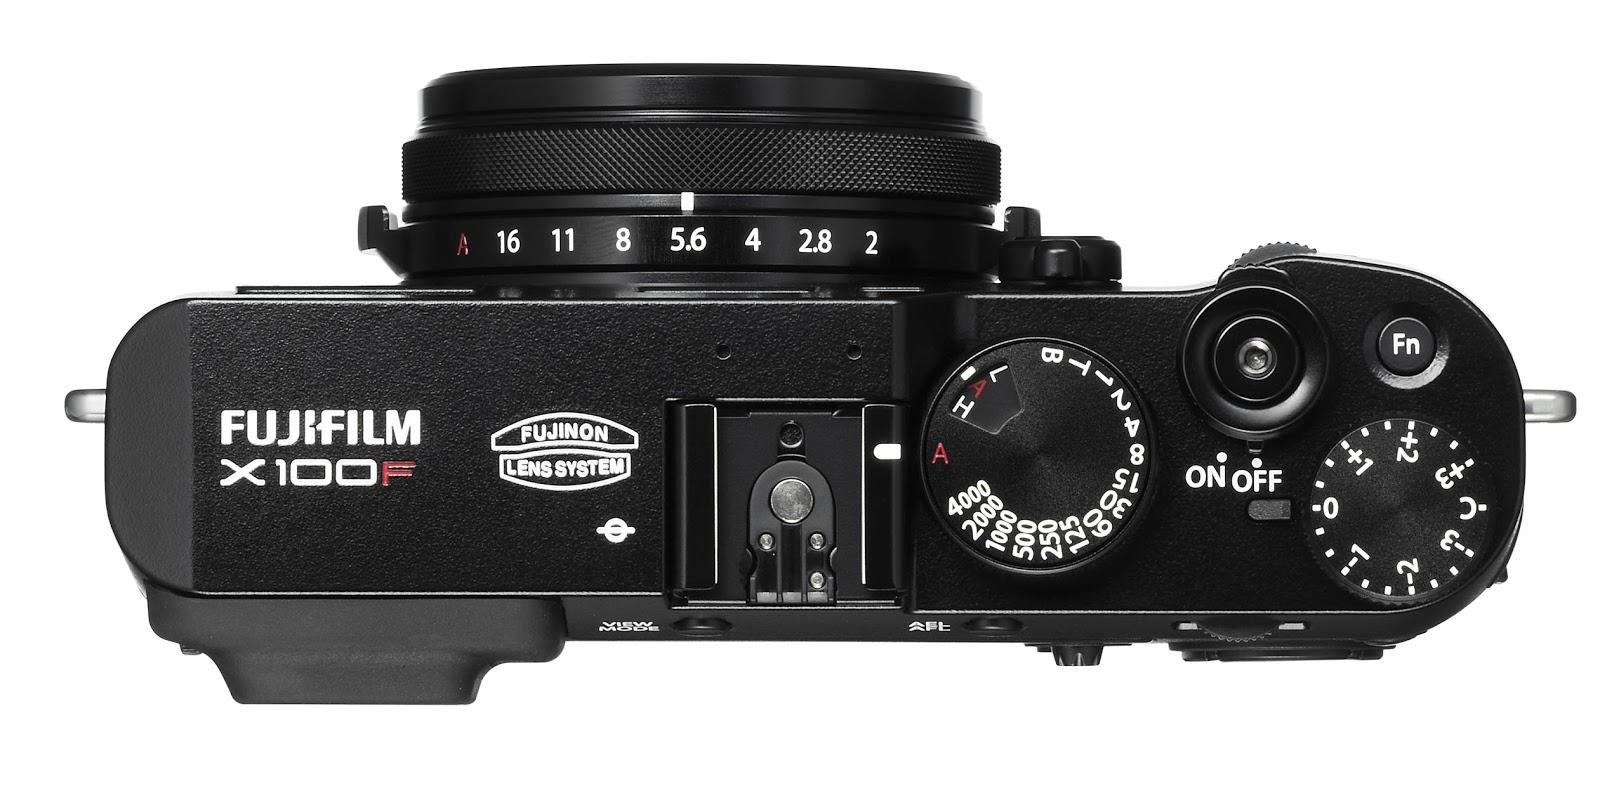 Fujifilm X100F Vs X100T X100S Specs Comparison